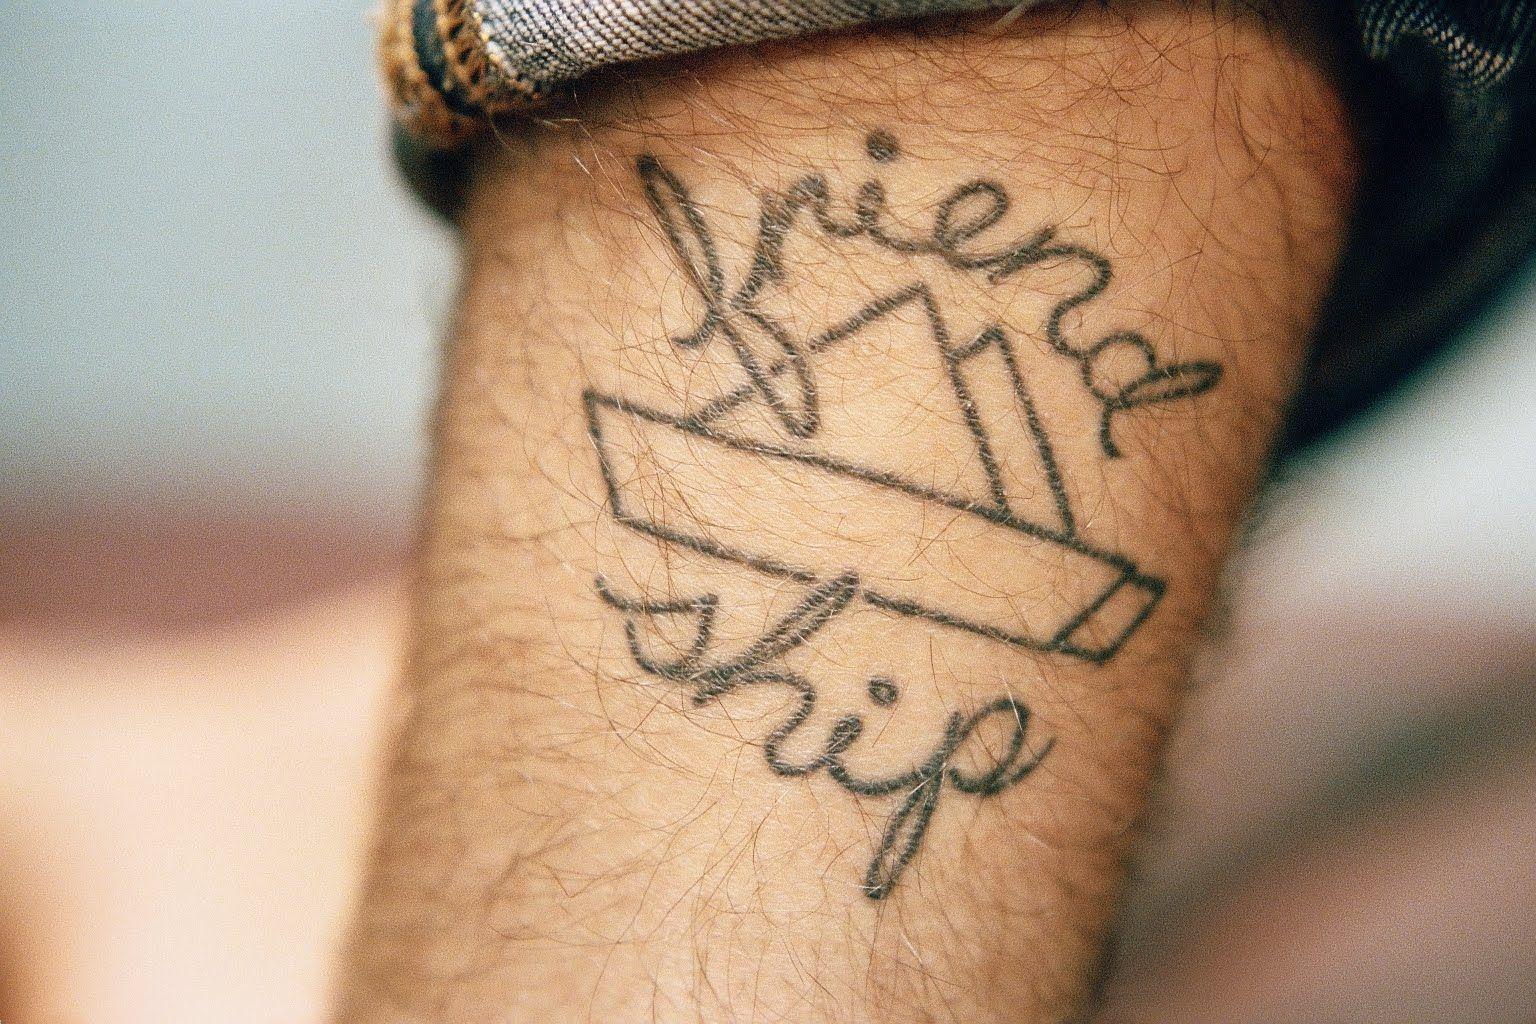 Best Friend Tattoos Ideas 1536×1024 #121123 HD Wallpaper Res ...